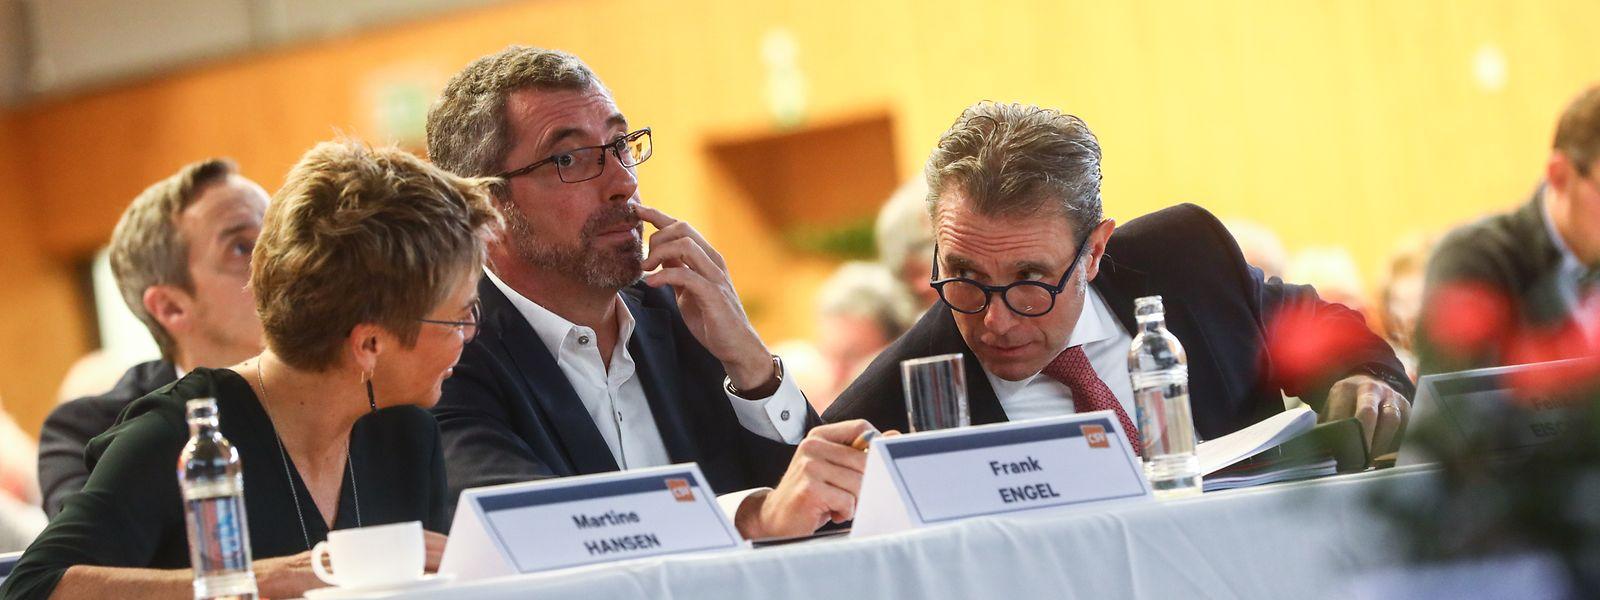 Fraktionspräsidentin Martine Hansen, Parteipräsident Frank Engel und Generalsekretär Felix Eischen am Samstag beim CSV-Themenkongress in Rodange.